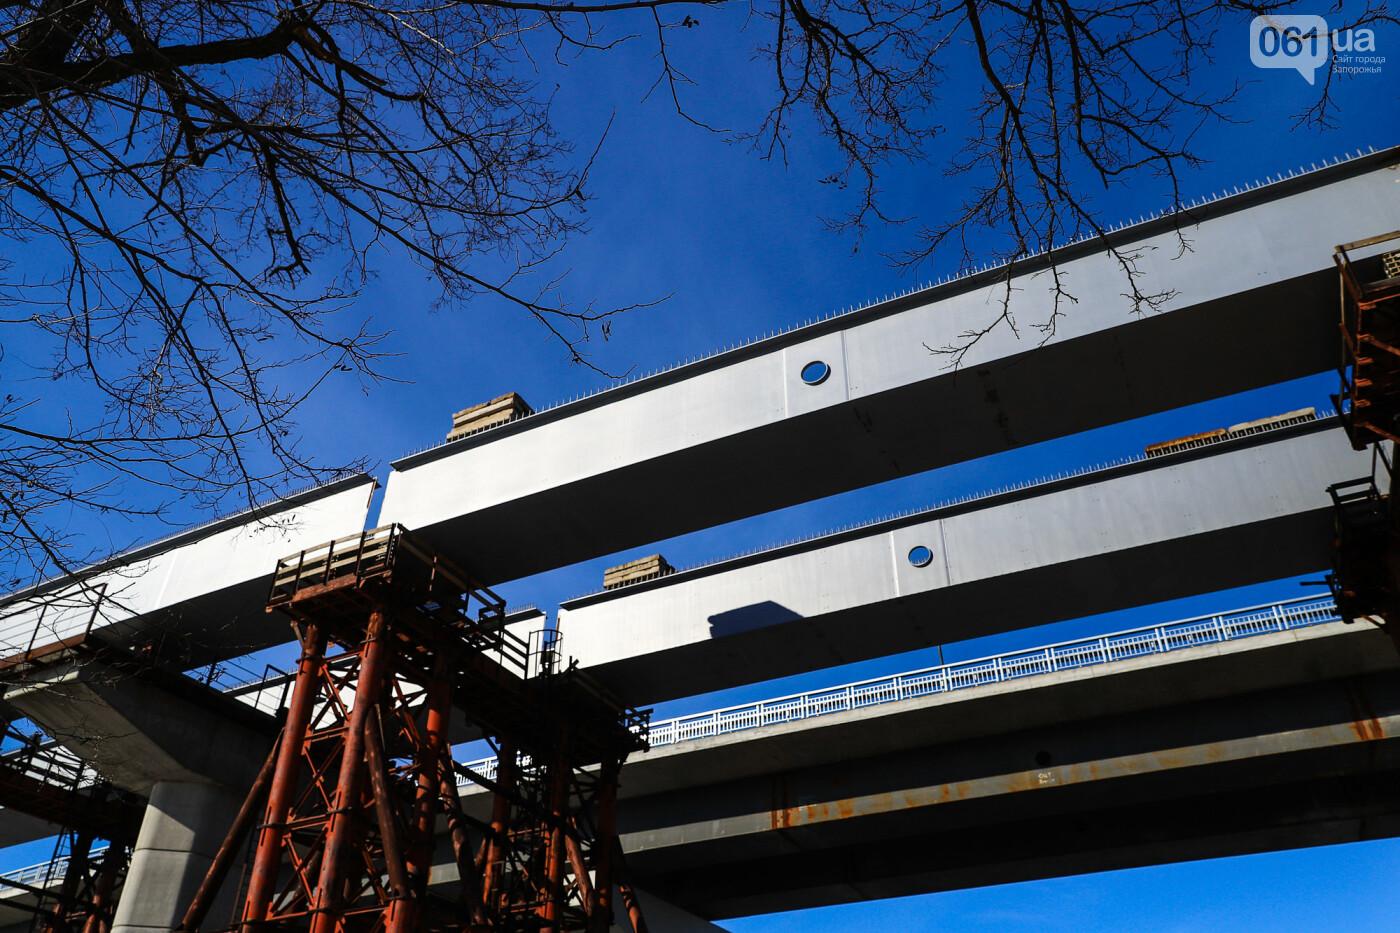 Кран с иностранной пропиской, ванты и металл: строительство запорожских мостов в фотографиях, фото-37